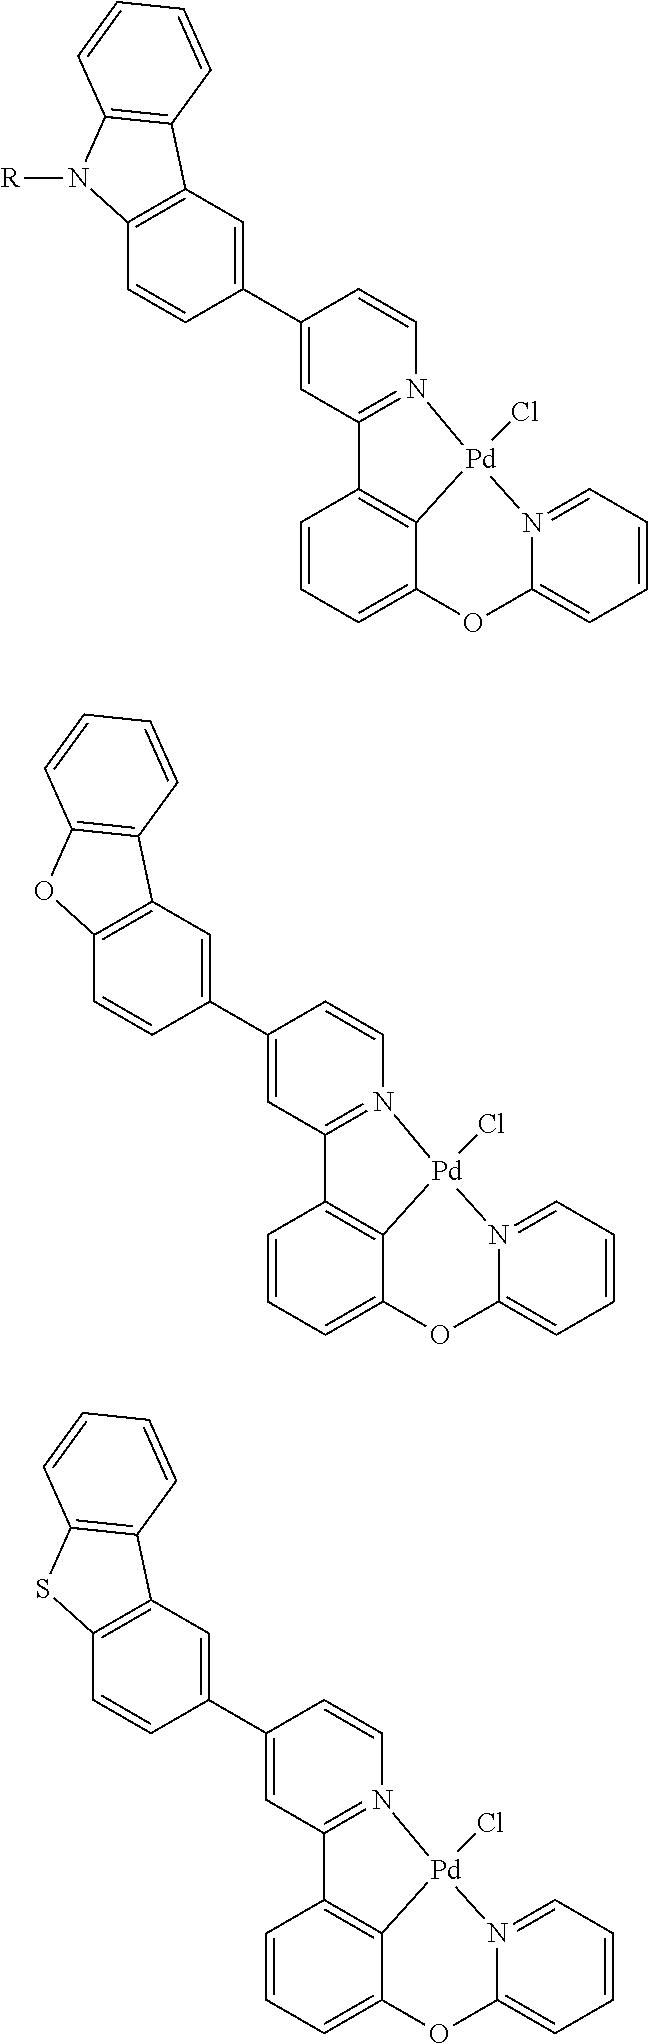 Figure US09818959-20171114-C00198